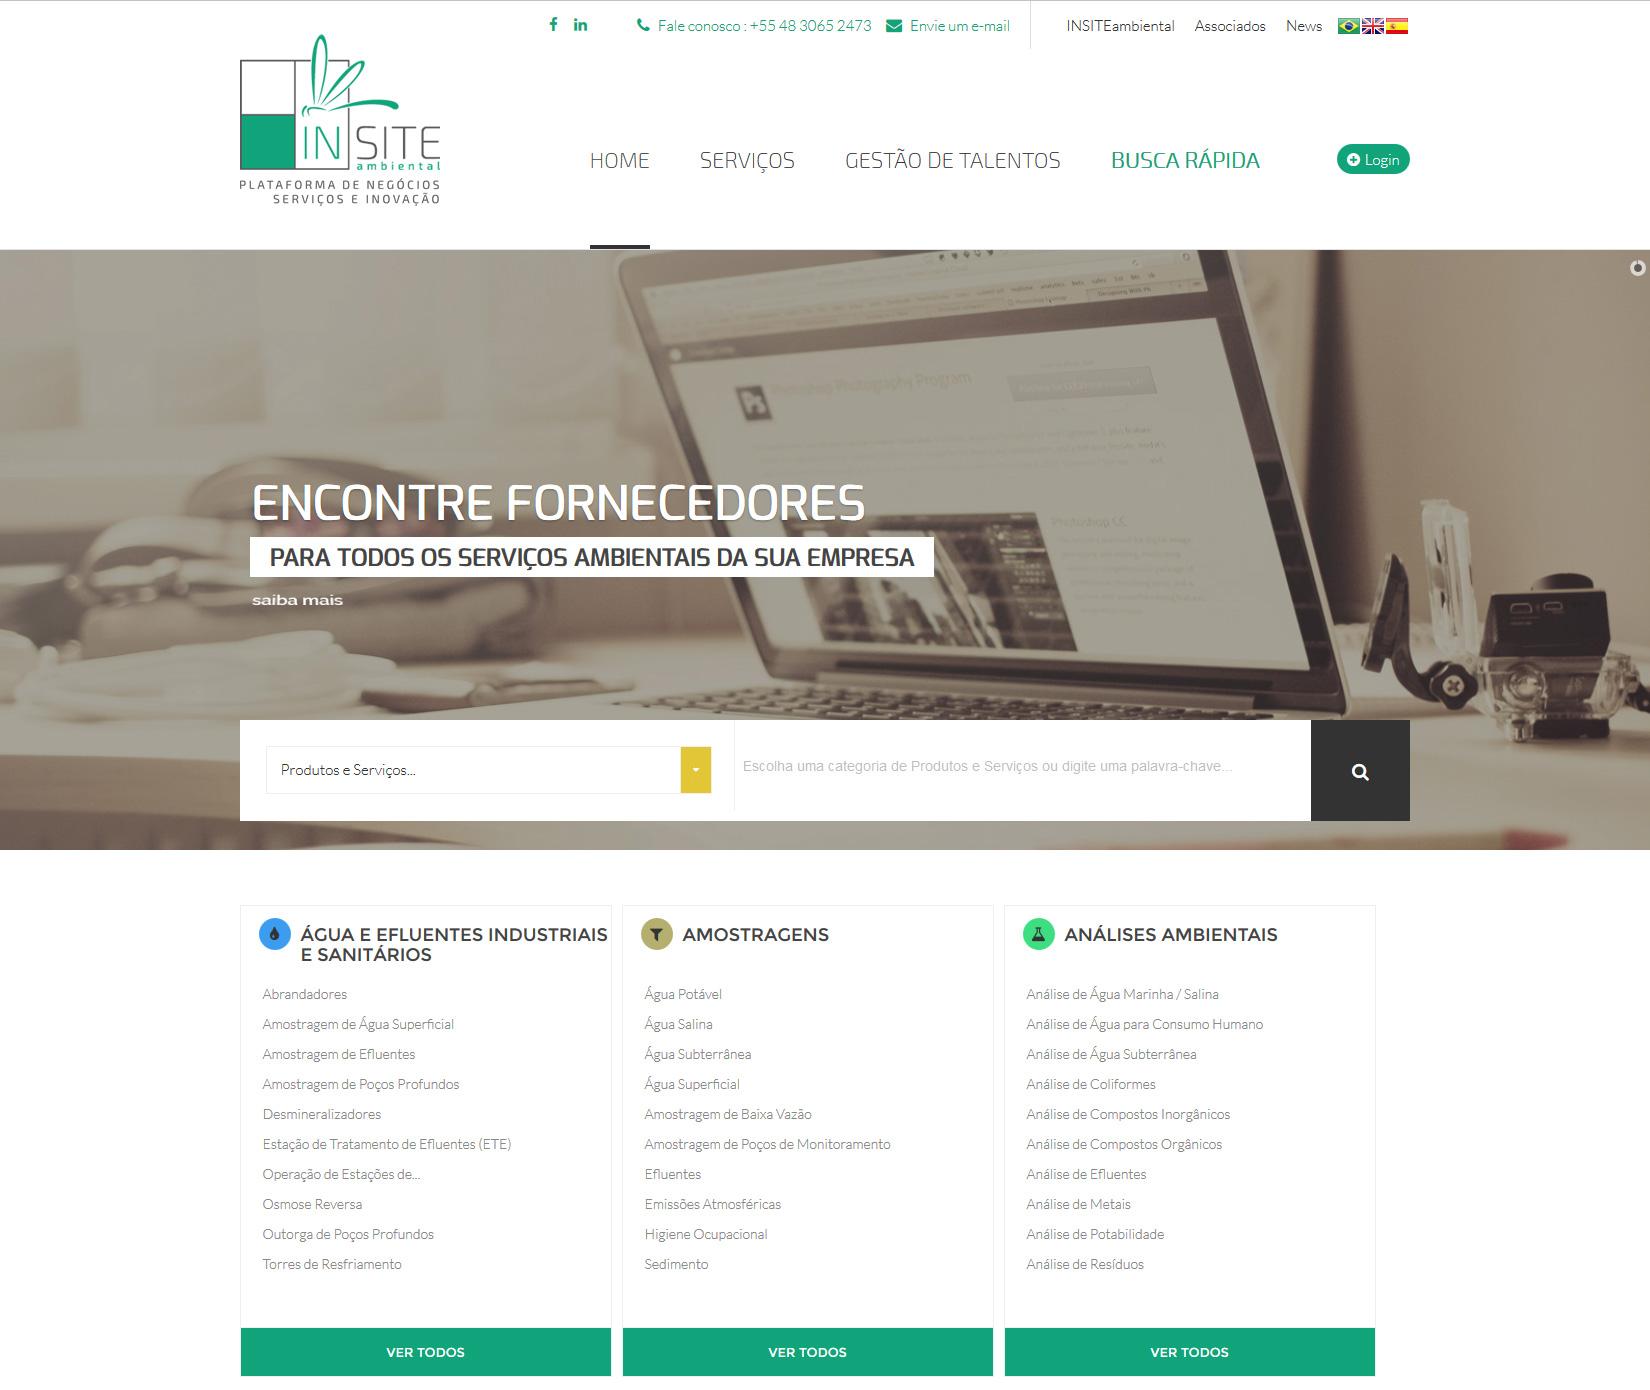 29f96a9b5b2b criação de sites. INSITEambiental - portal de serviços ambientais